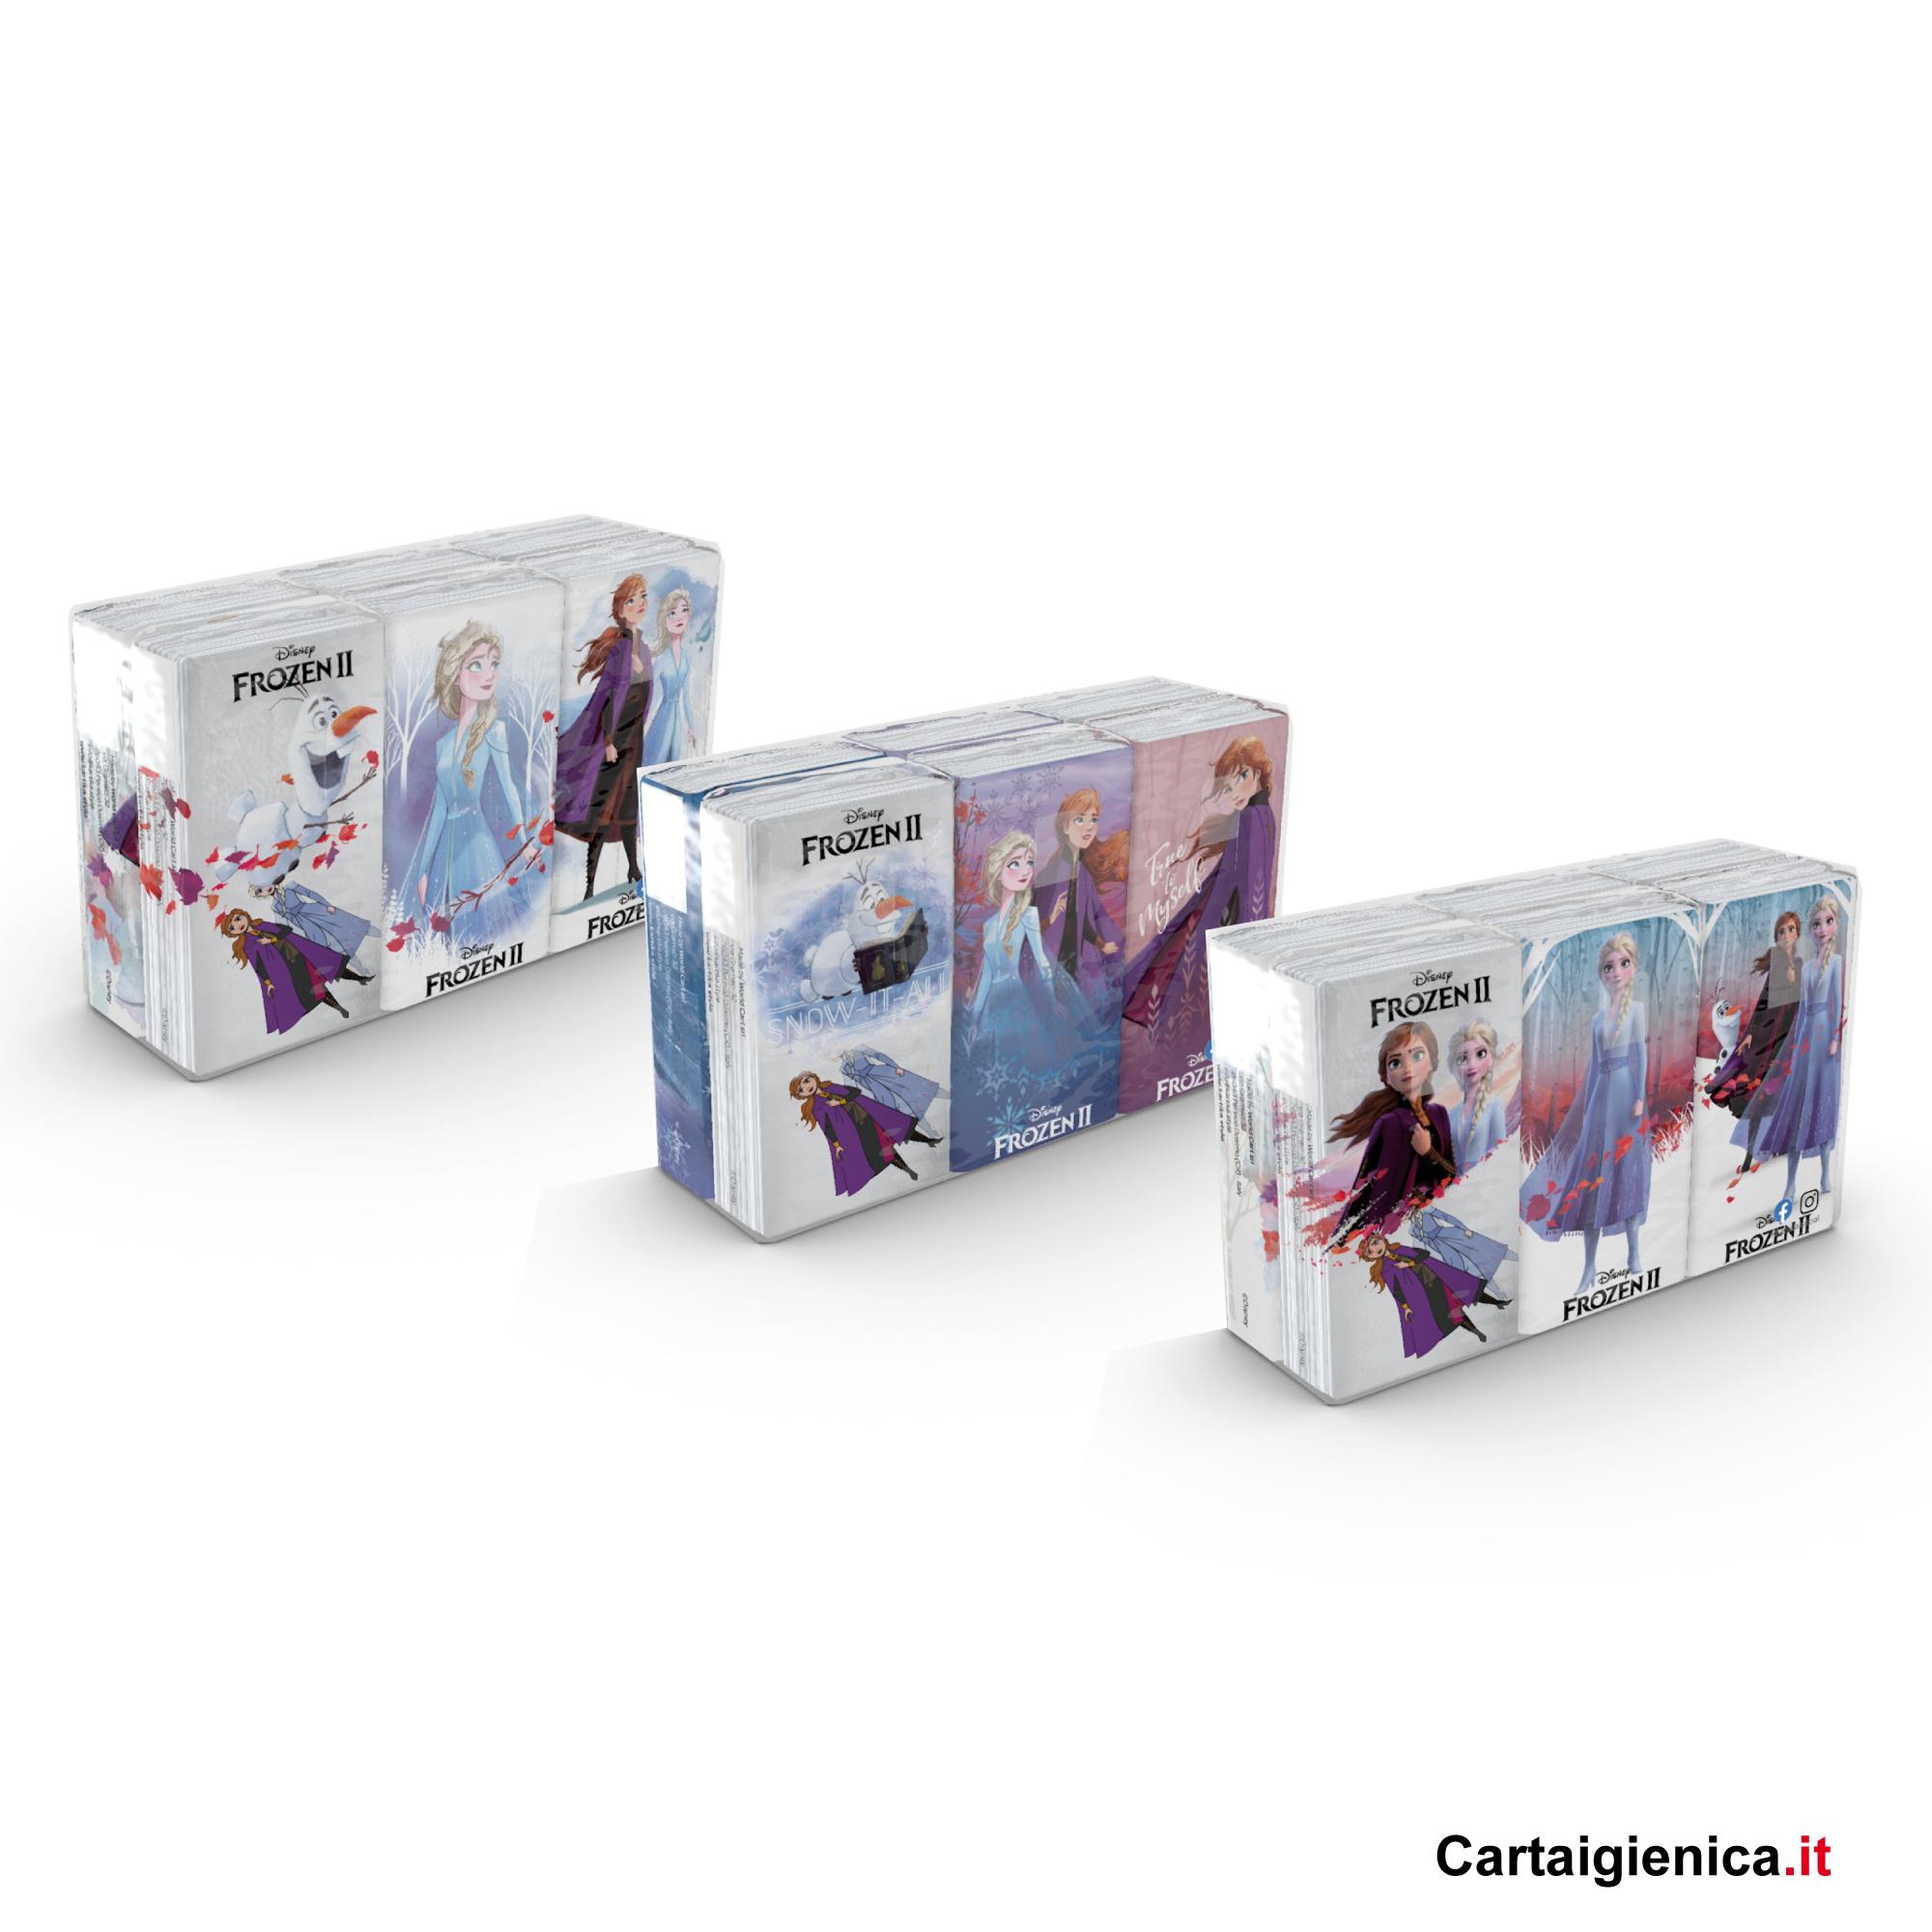 Kartika Frozen II - 1 confezione - 6 pacchetti - 9 fazzoletti a pacchetto - 4 veli fazzoletti di carta bambini